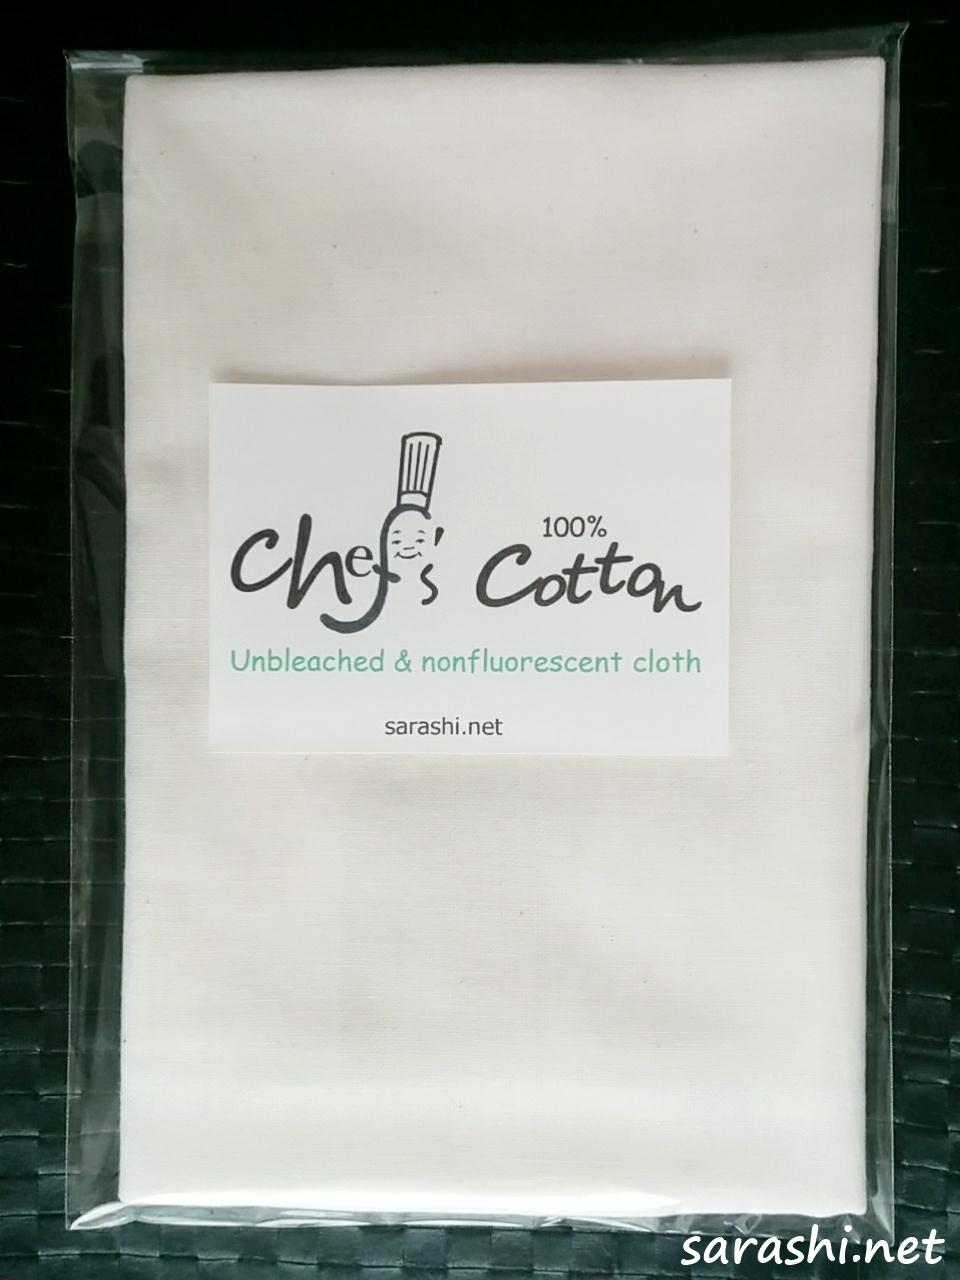 Chef's Cotton